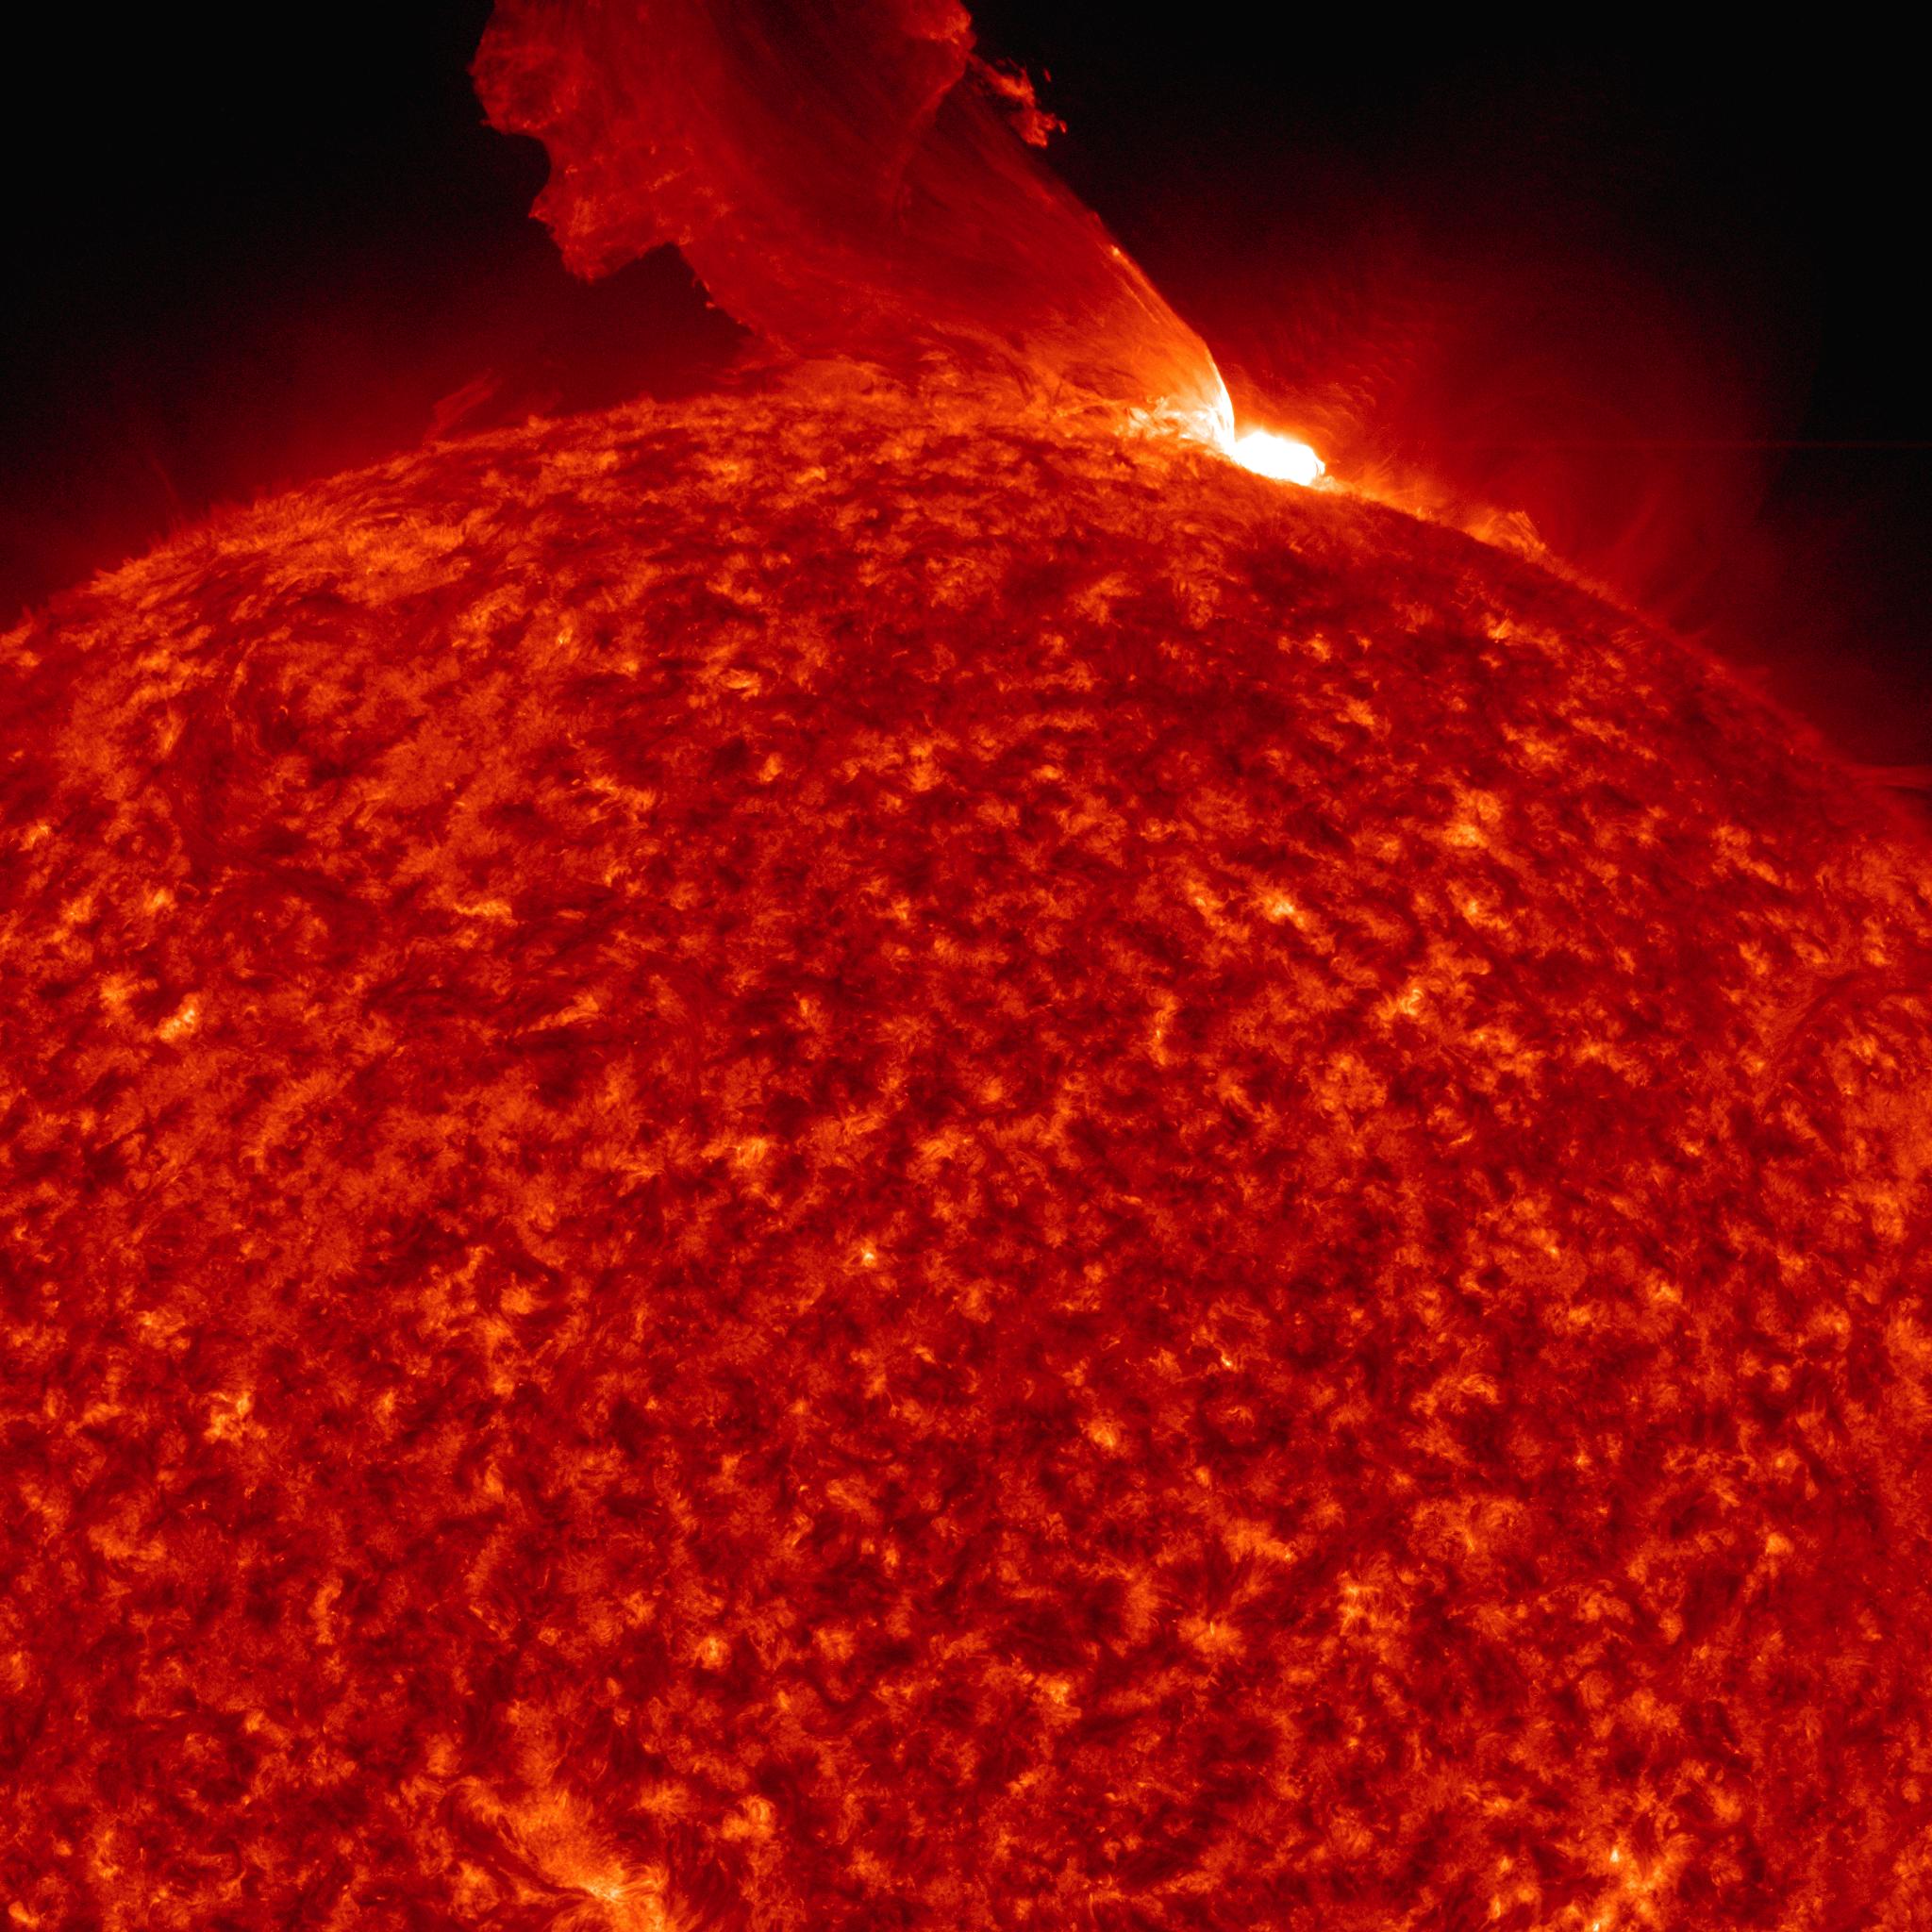 nasa sun images - HD2048×1536